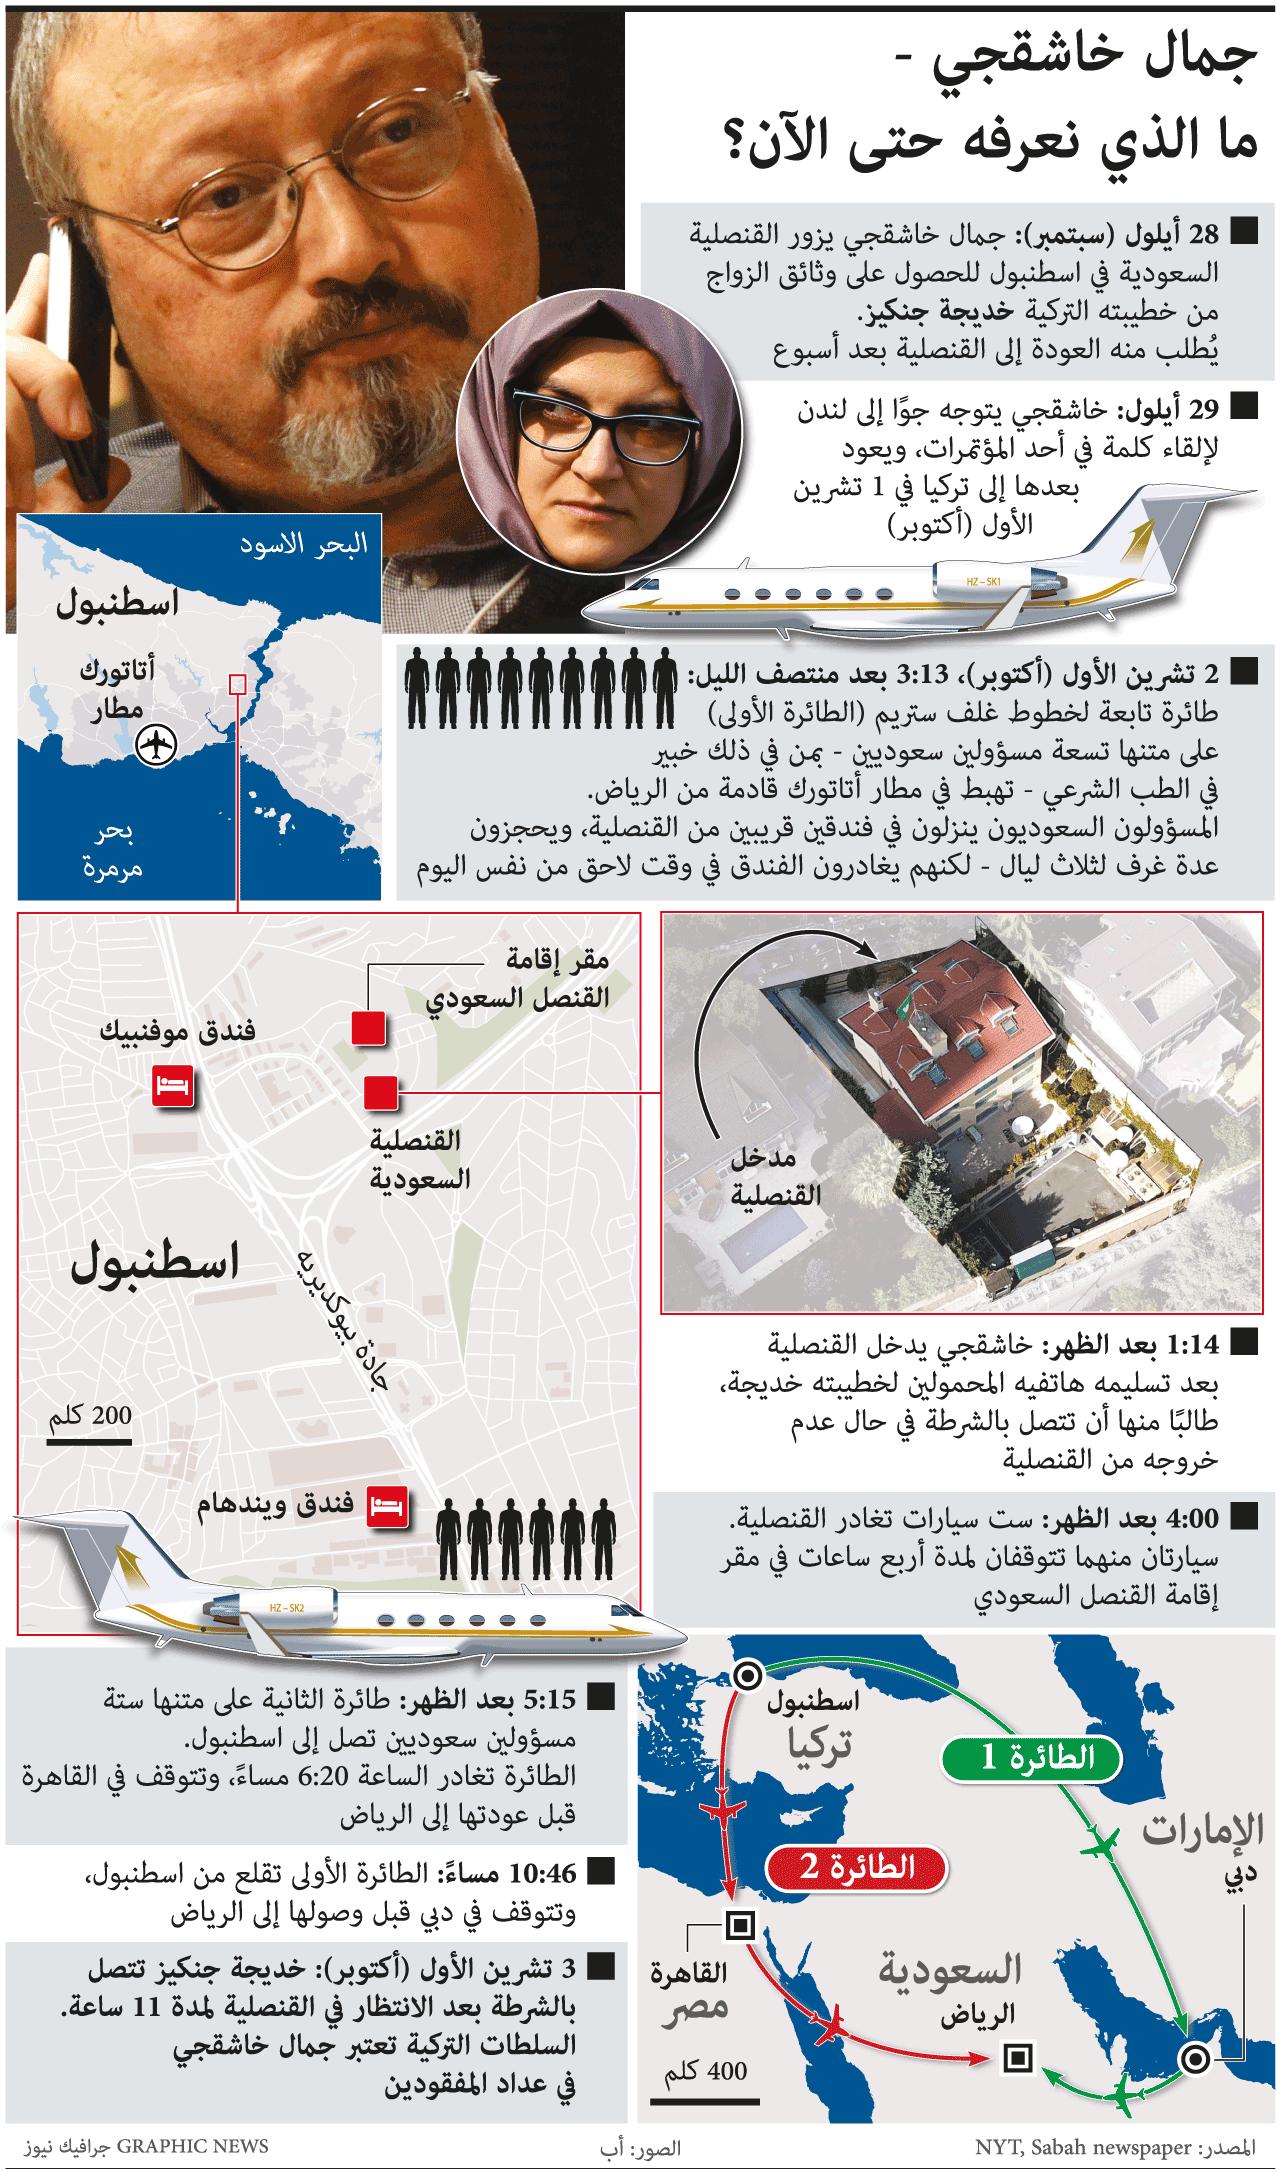 تركيا اختفاء الكاتب السعودي جمال خاشقجي Custody Movie Posters Poster